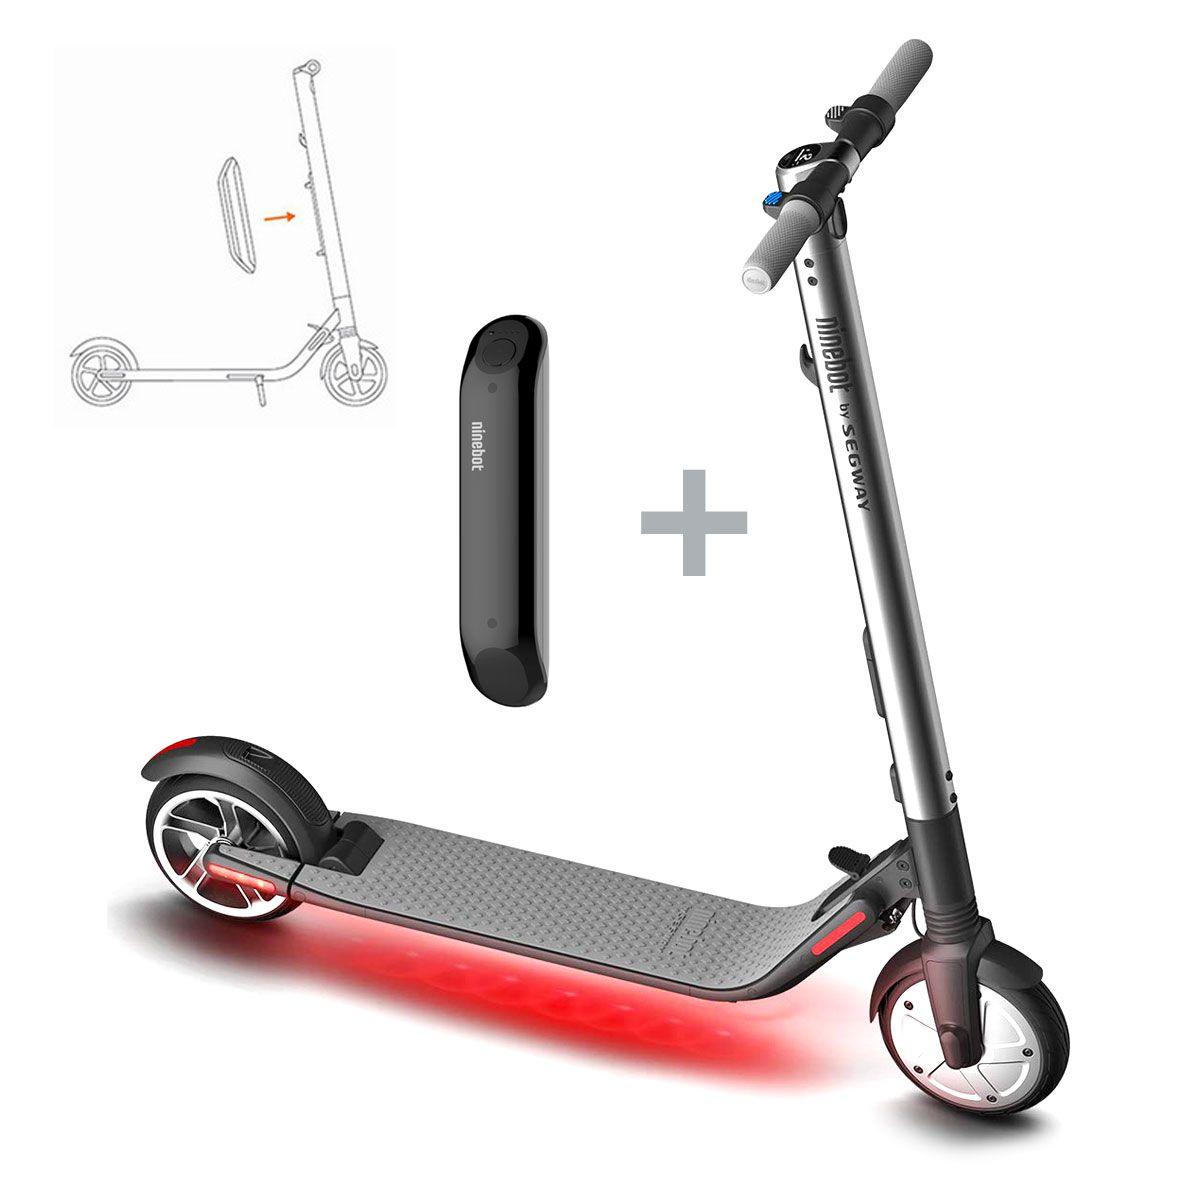 Scooter Electrico Segway Kickscooter Es2 + Batería Extra